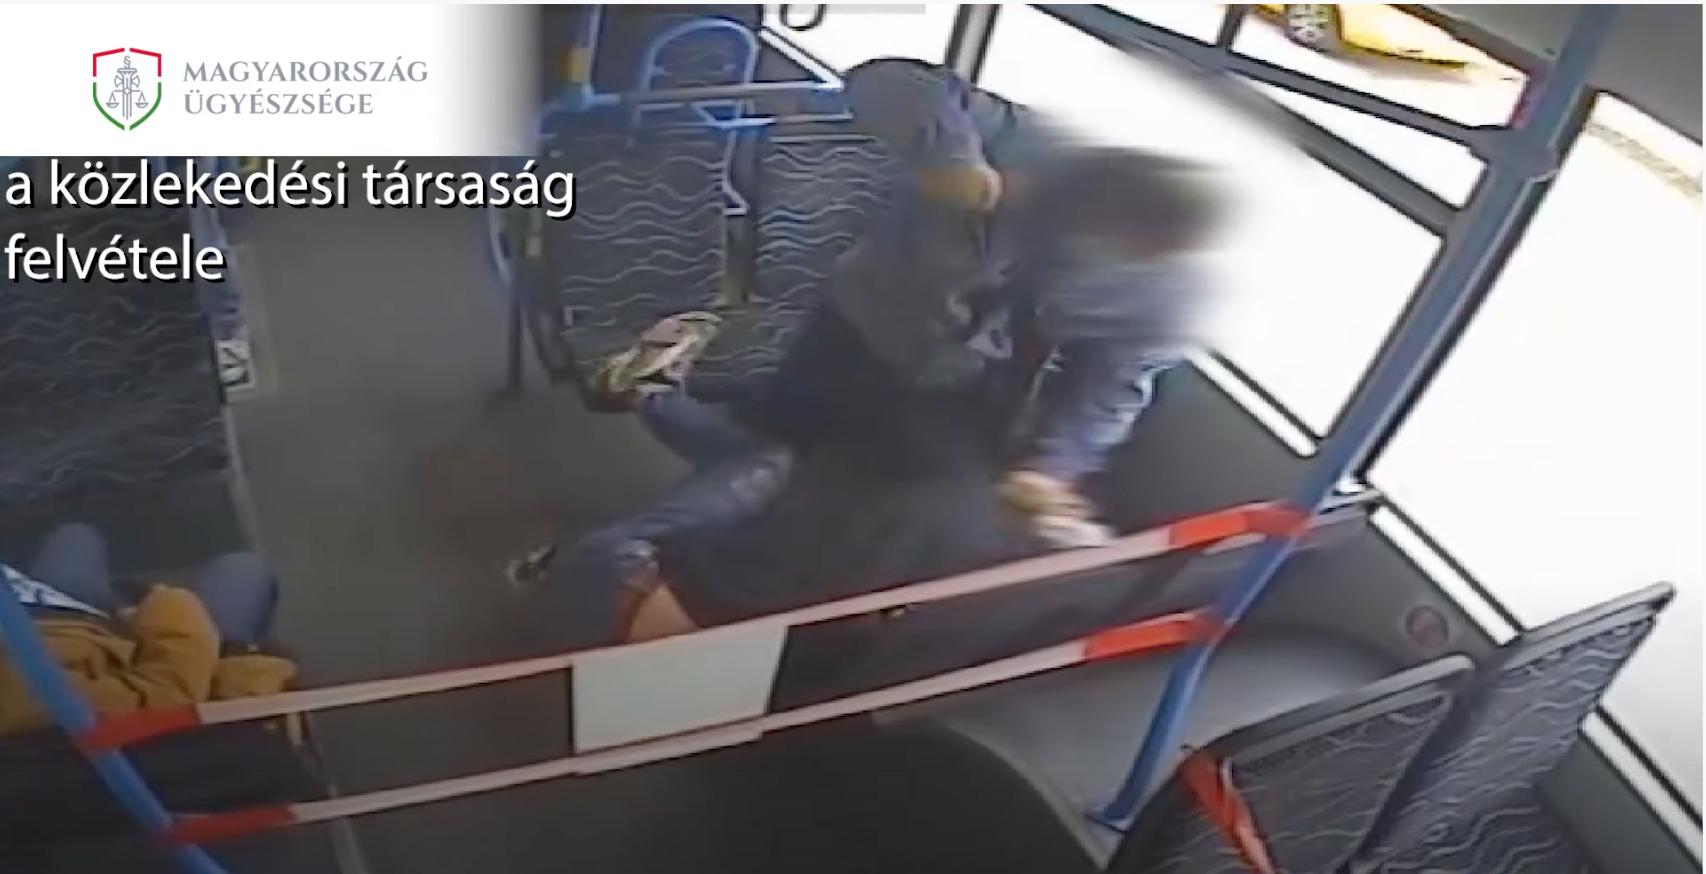 Bíróság elé áll a férfi, aki megvert egy utast egy csepeli buszon, amiért szabálytalanul viselte a maszkot